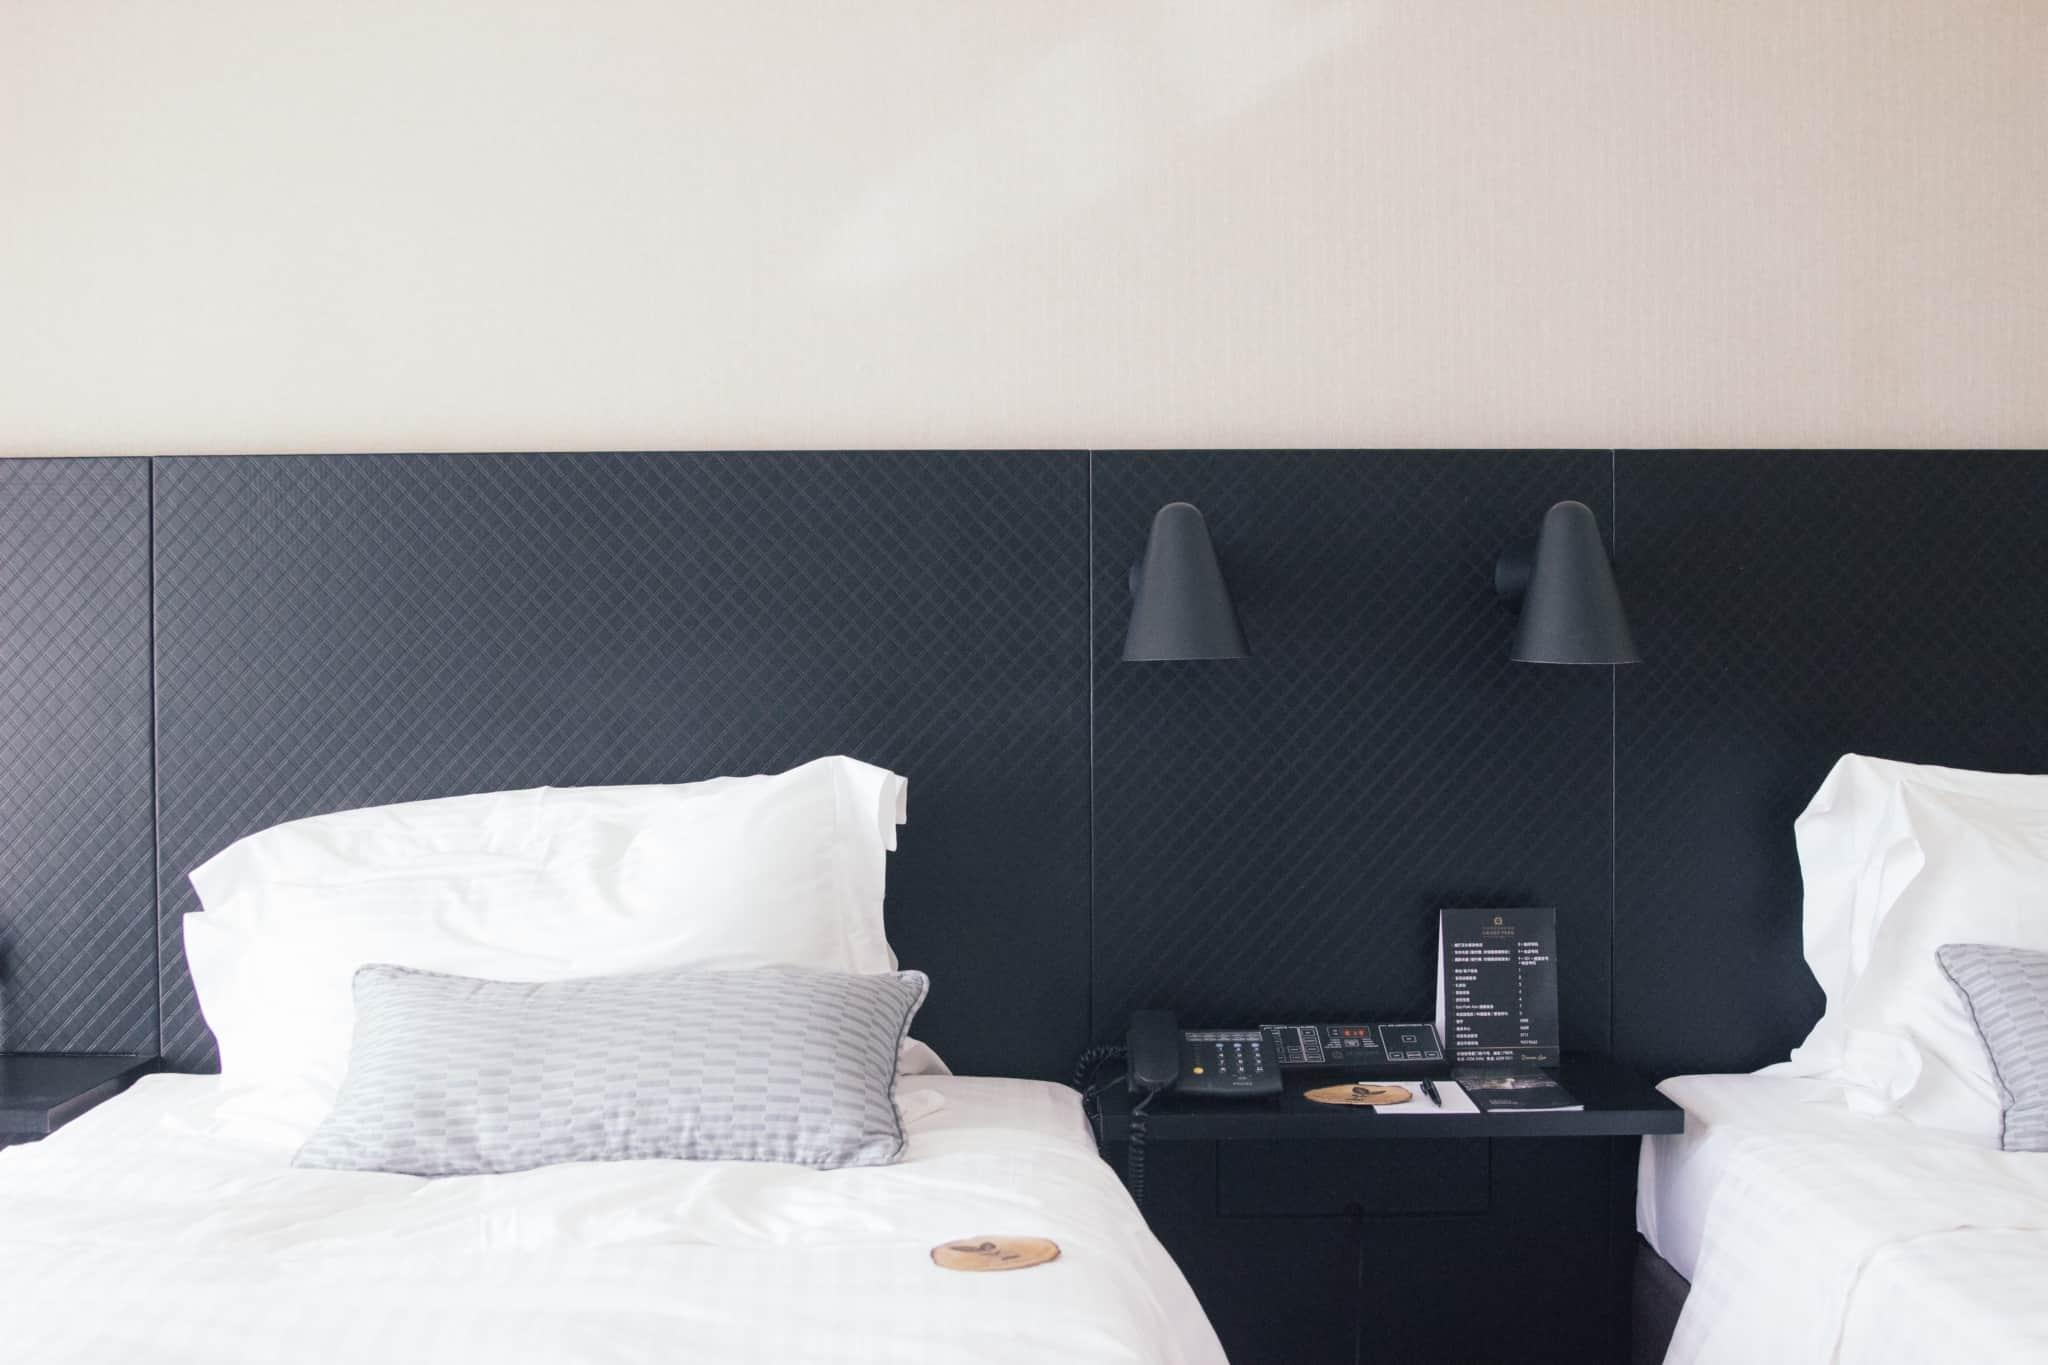 quarto de hotel com duas camas separadas